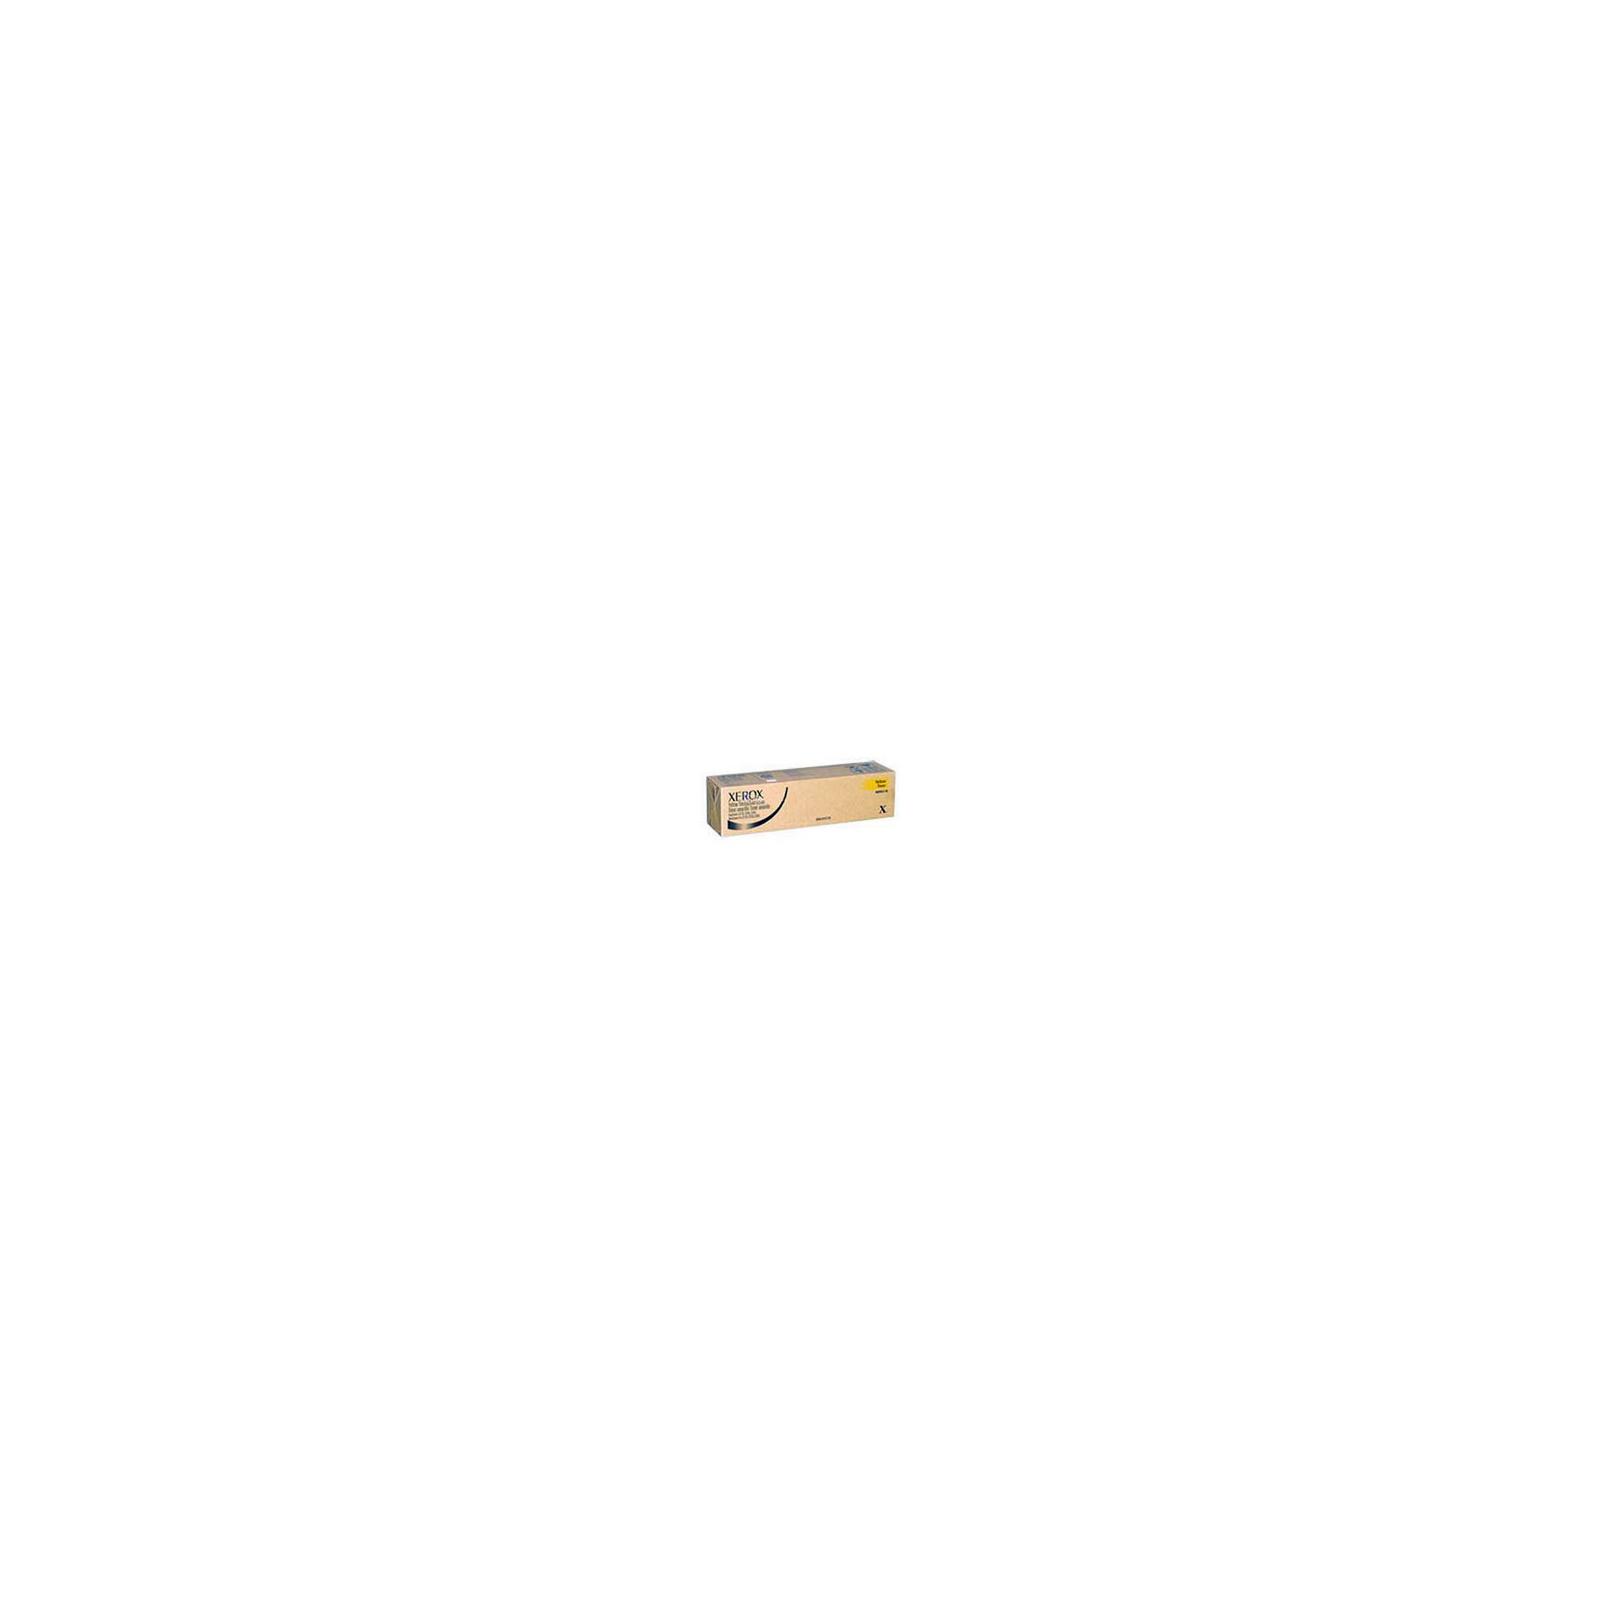 Тонер-картридж XEROX WC 7228/35/45/C2128/2626/3545 Yell (006R01178)